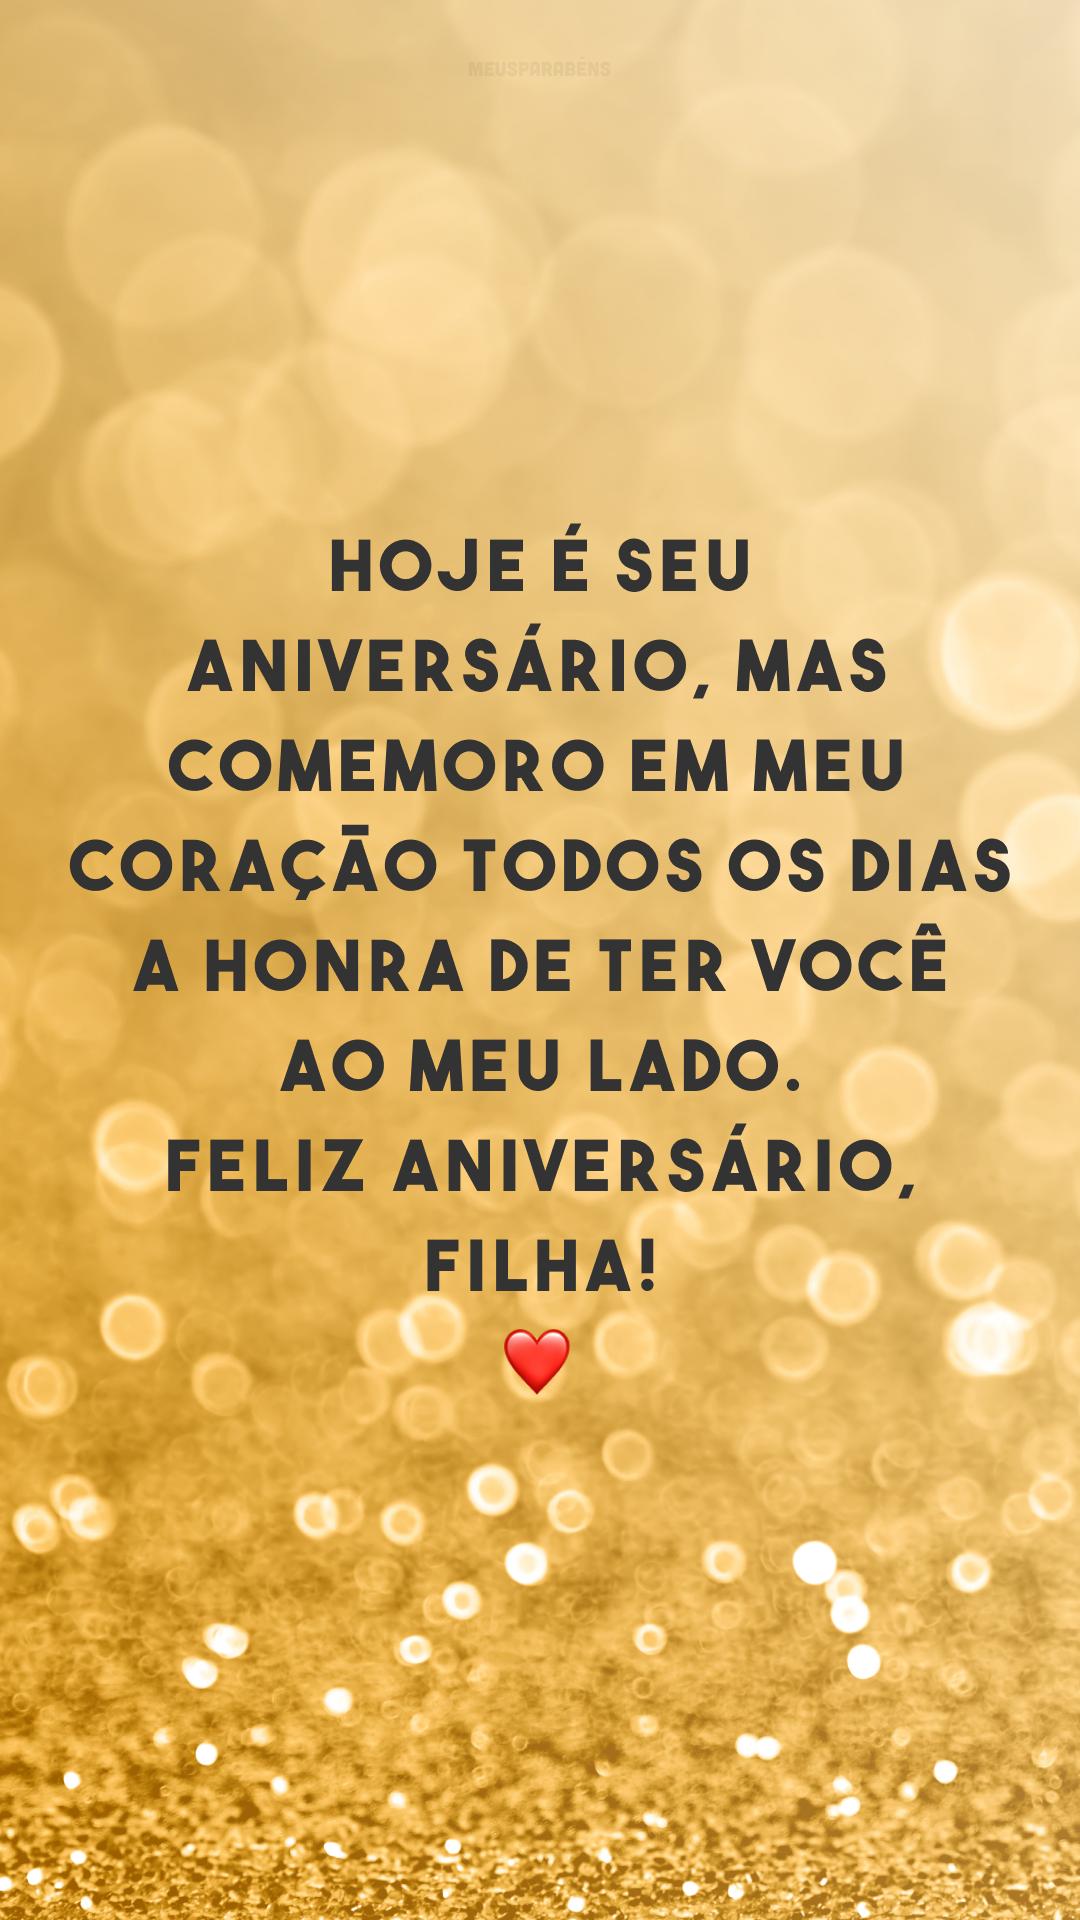 Hoje é seu aniversário, mas comemoro em meu coração todos os dias a honra de ter você ao meu lado. Feliz aniversário, filha! ❤️